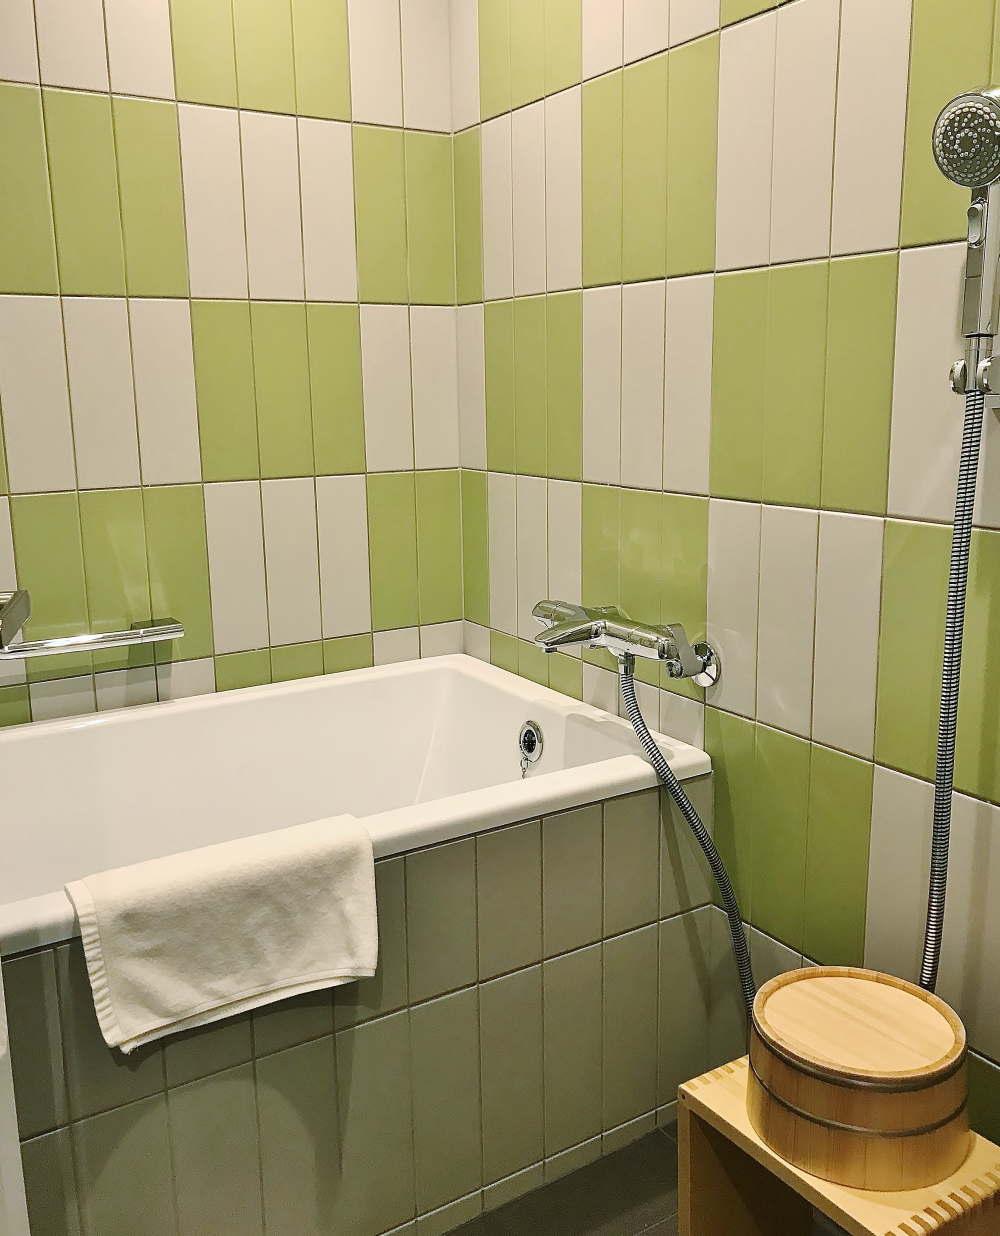 OMO5 お風呂の様子 市松模様のタイル